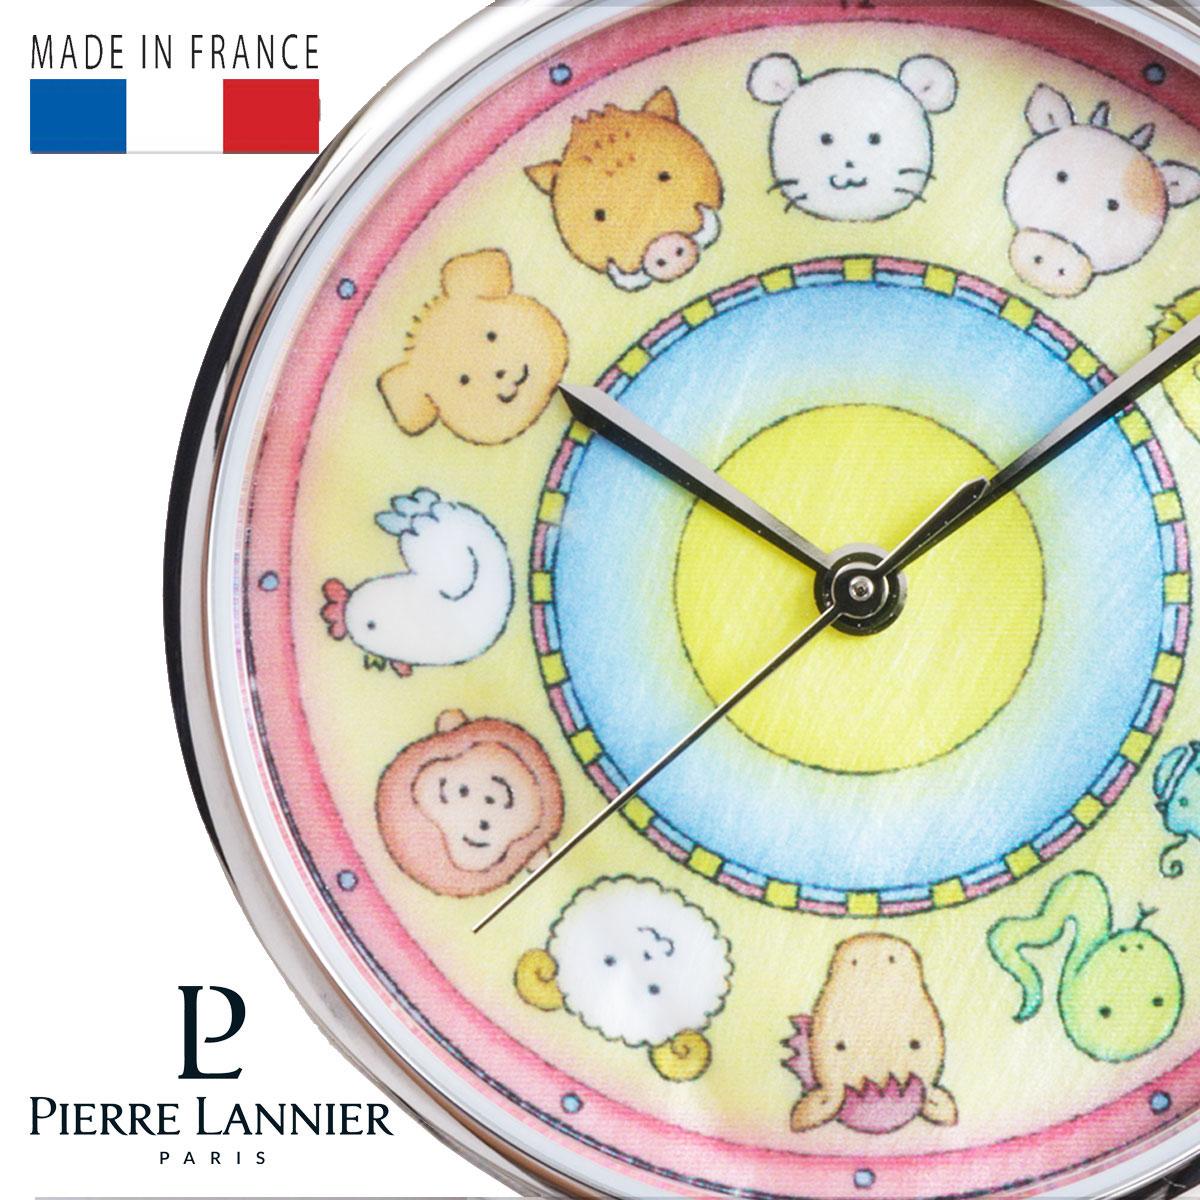 腕時計 レディース ブランド ピエールラニエ さくらももこ コラボウォッチ 干支 ちびまる子ちゃん著者 丸型 秒針 <BR>P479A690 地球の子供たち P480A690 干支 プレゼント ギフト お祝い